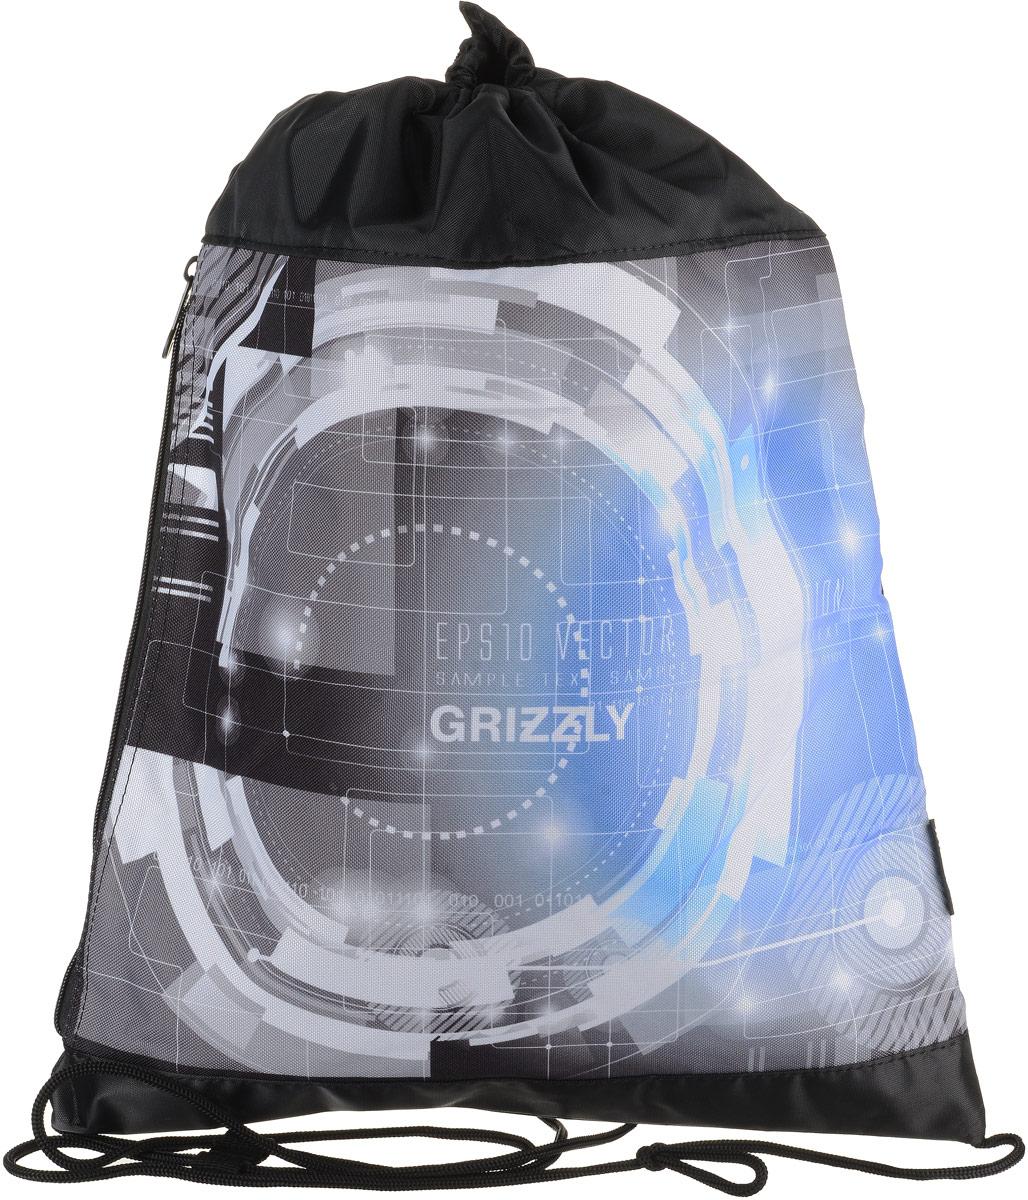 Сумка для сменной обуви и одежды Grizzly, цвет: голубой. OM-792-3/2OM-792-3/2Рюкзак-мешок для обуви с одним отделением и карманом на молнии, верх мешка стягивается шнуром в кулиске, который является еще и лямками, с ручкой-петлей